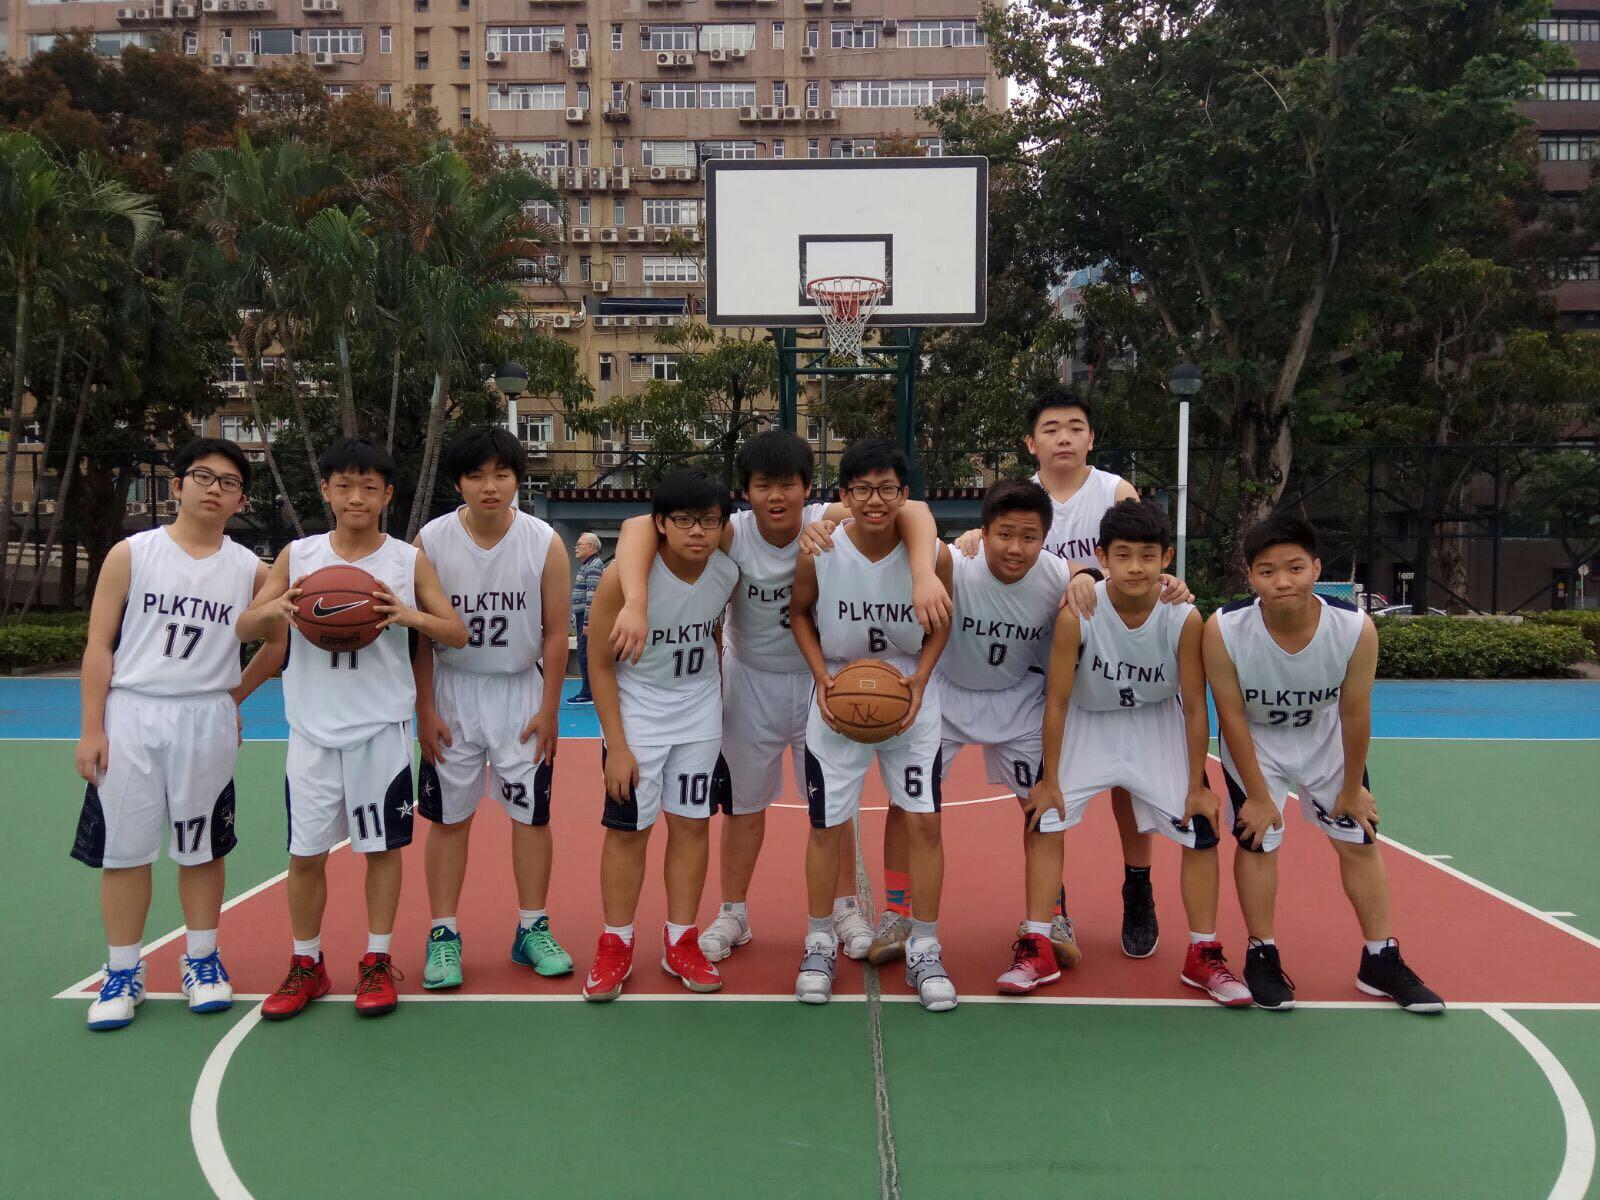 2017-2018 PLKTNKJSC Basketball Team (Boys B Grade)